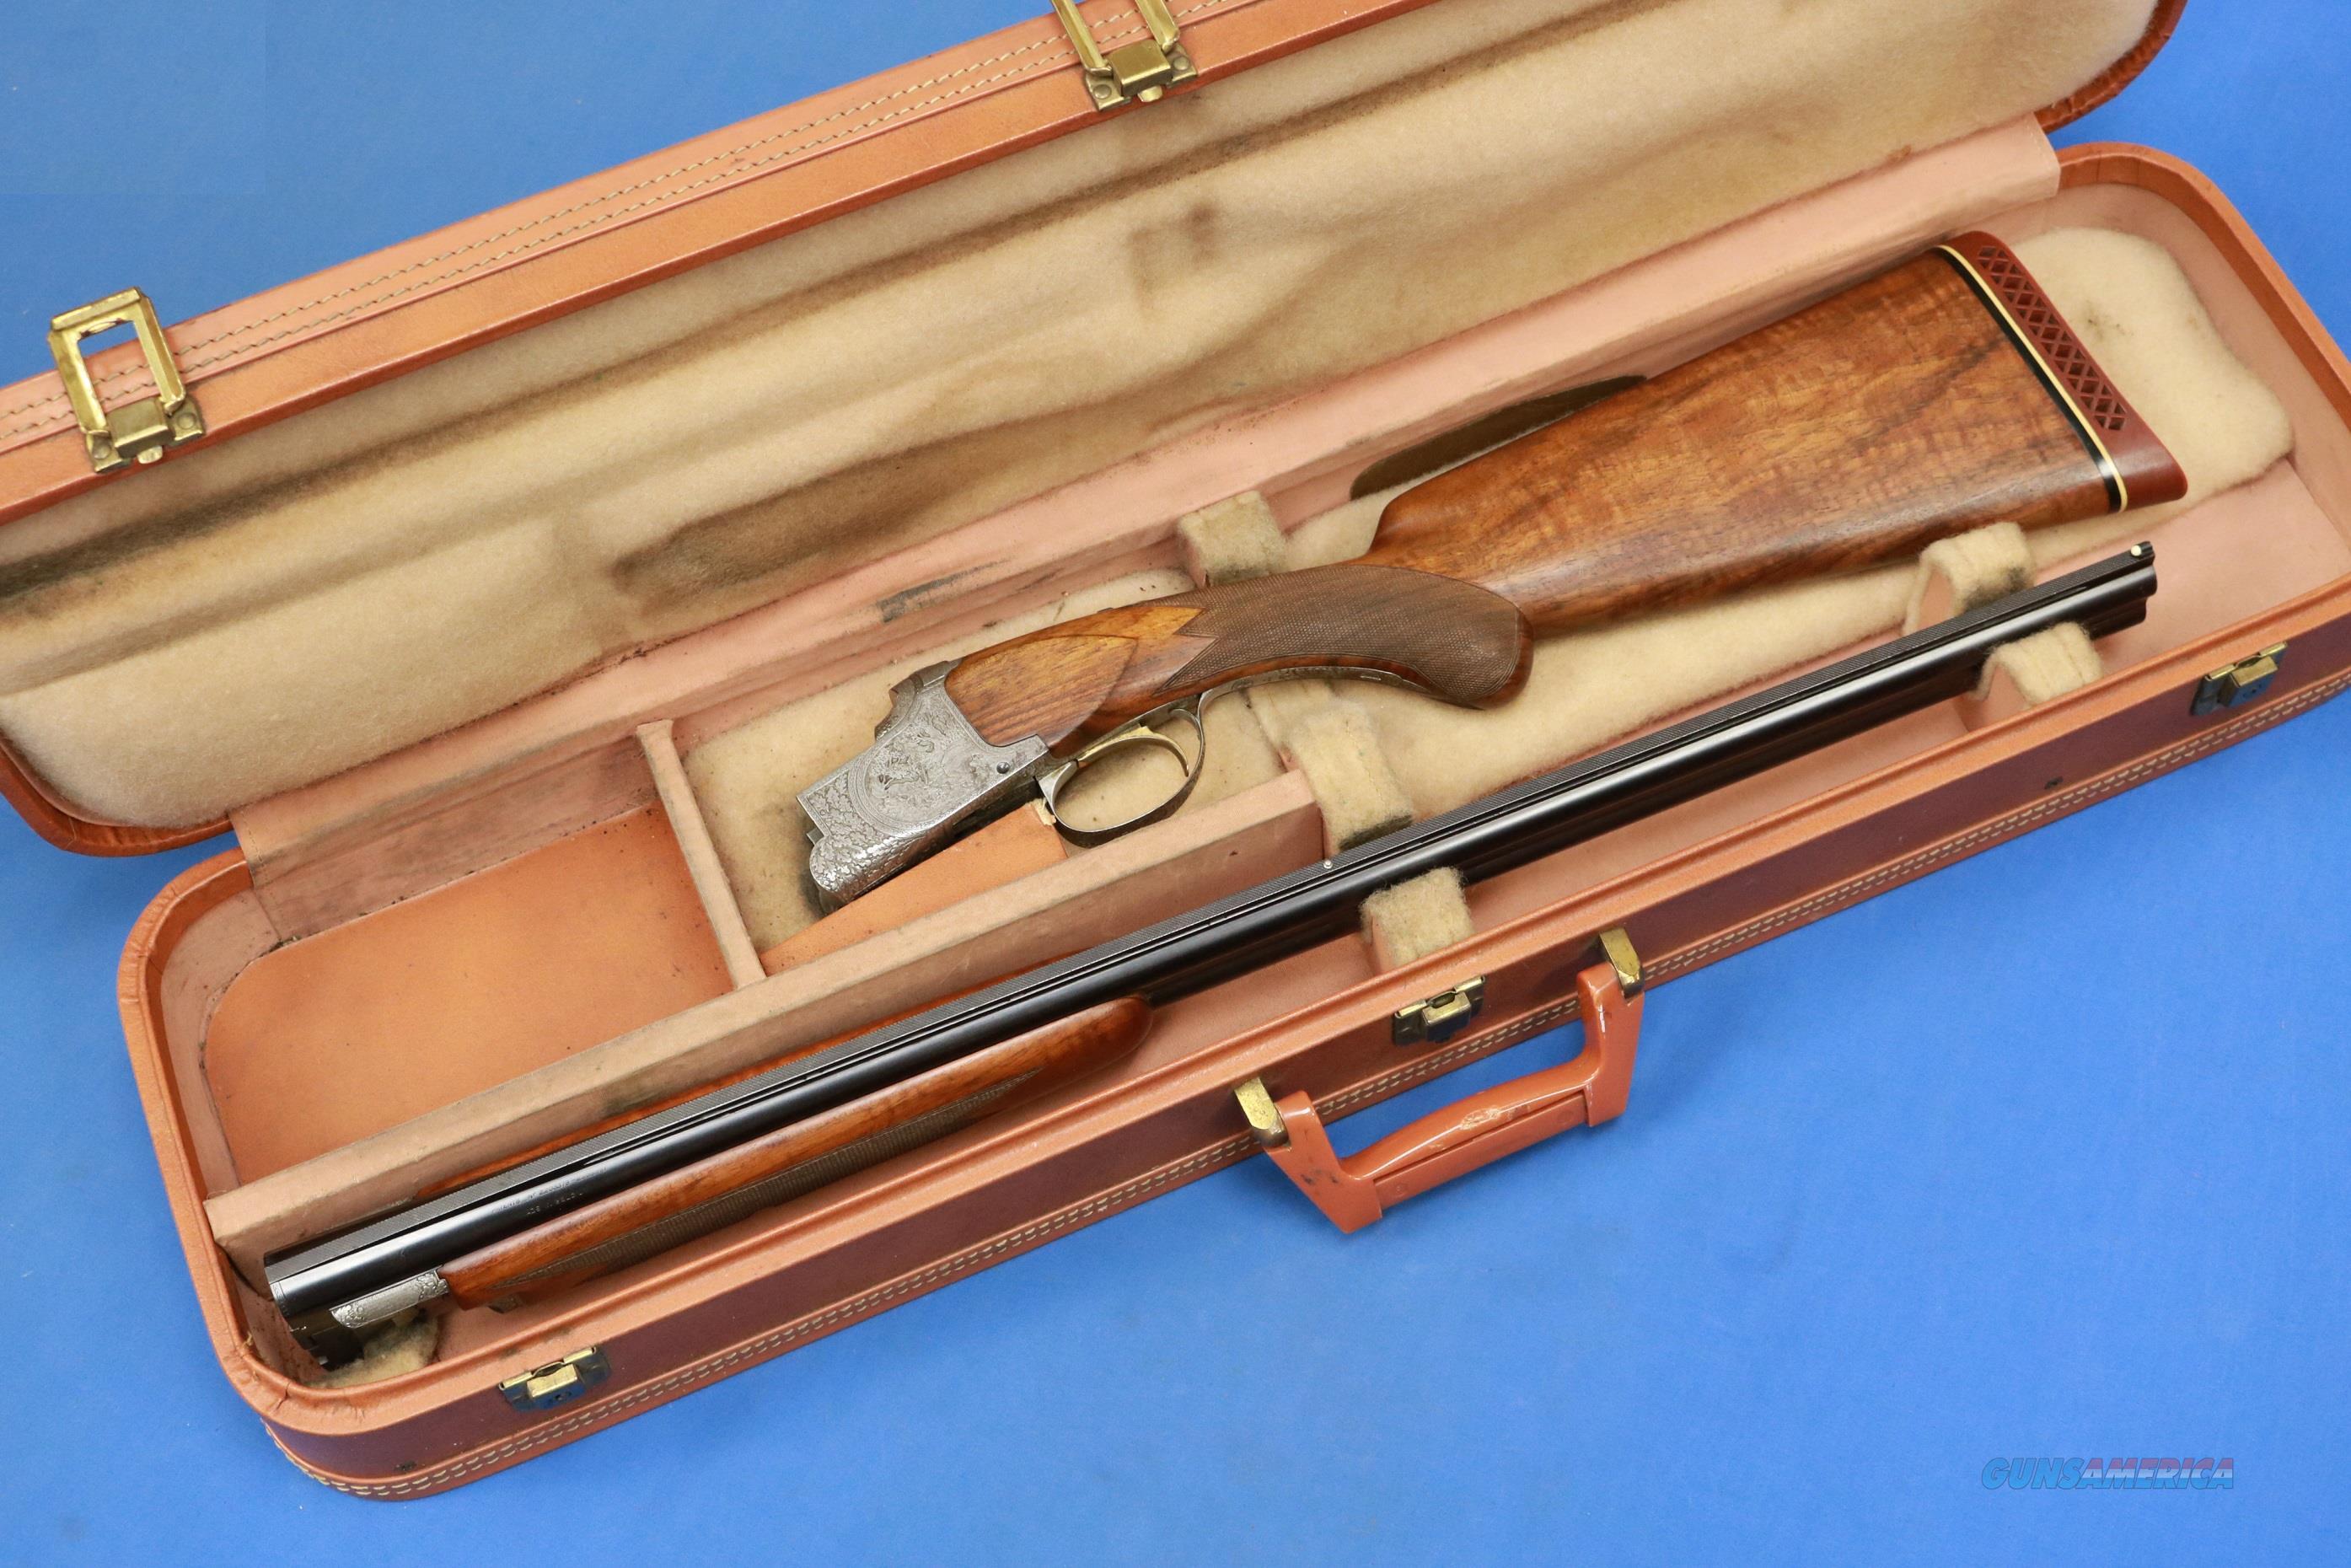 BROWNING SUPERPOSED GRADE IV 20 GA FUNKEN 1955  Guns > Shotguns > Browning Shotguns > Over Unders > Belgian Manufacture